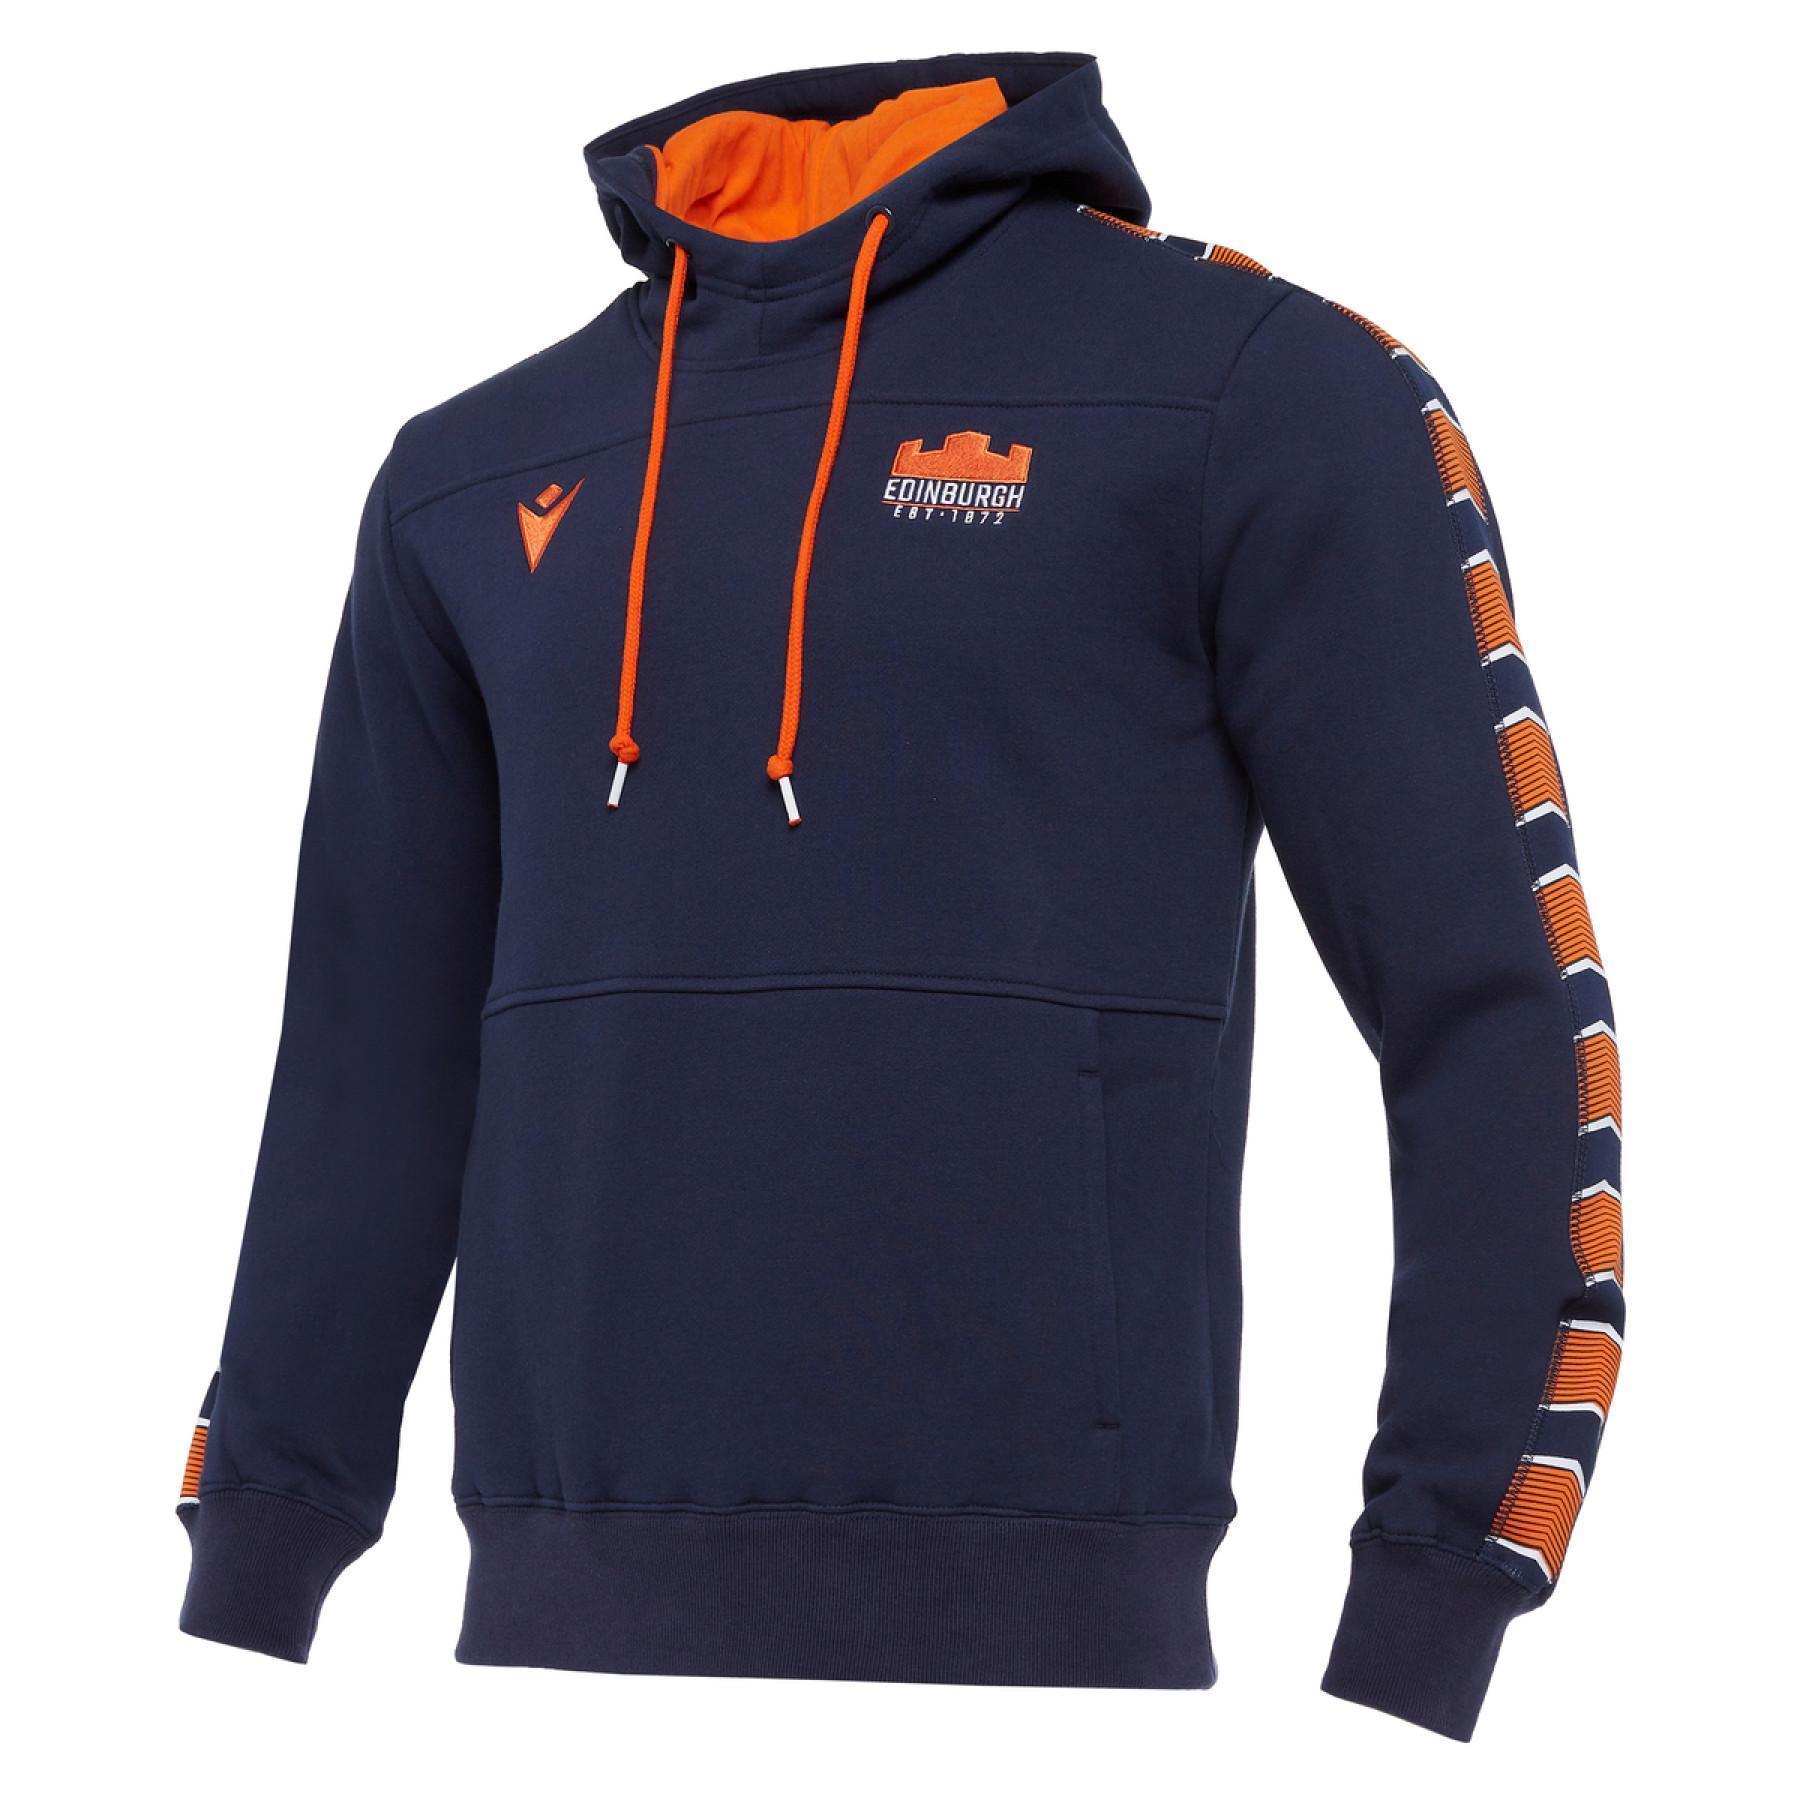 Travel Sweatshirt cotton Edinburgh rugby 2020/21